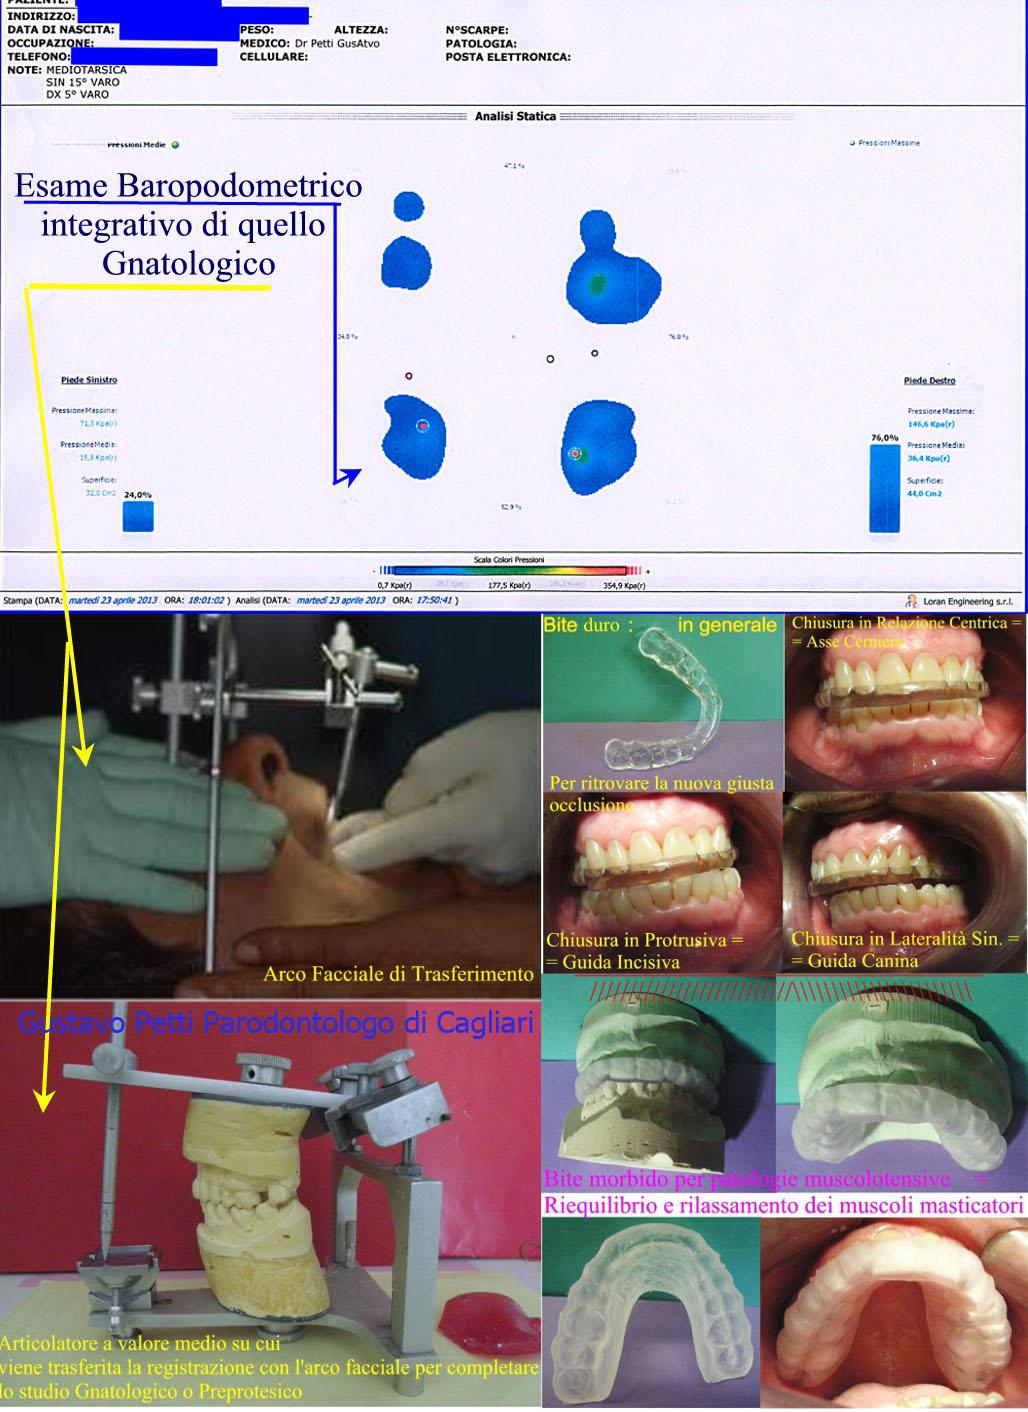 gnatologia-dr-g.petti-cagliari-0.jpg